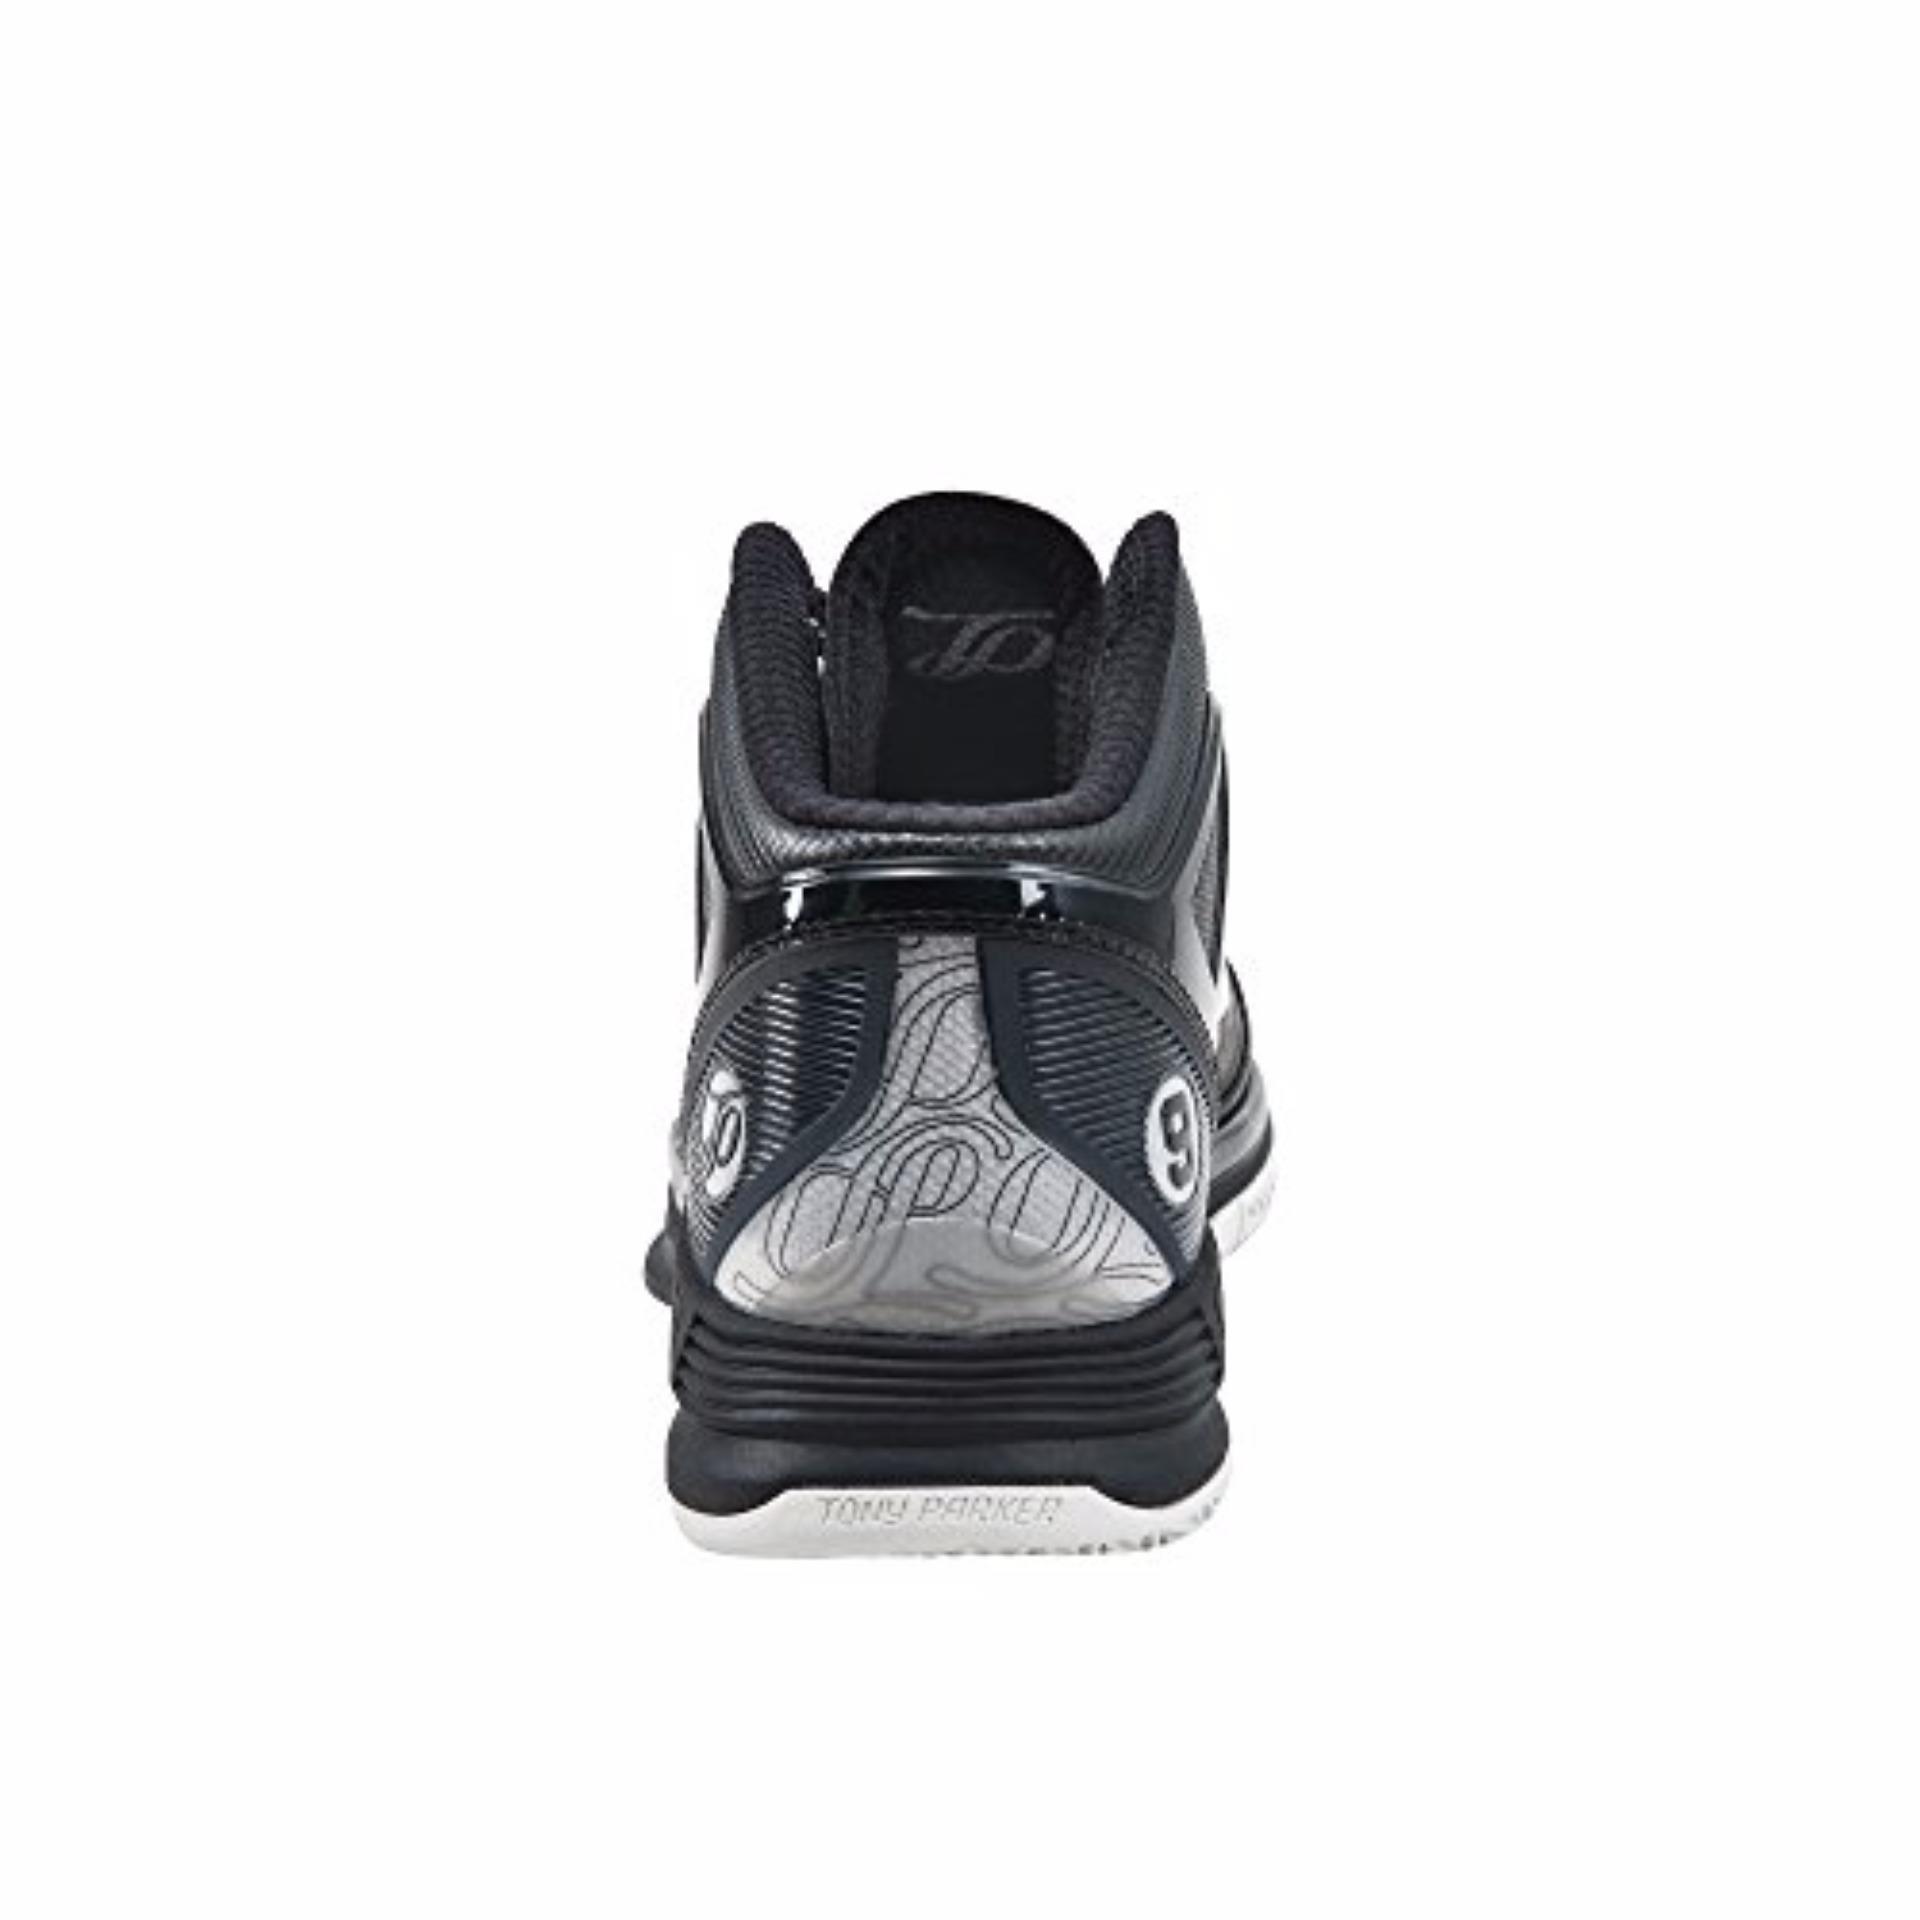 Sepatu Basket Peak Earthquake E42131a Black Daftar Harga Nba Challenger Shoes E51041a Red Orange Tony Parker 2